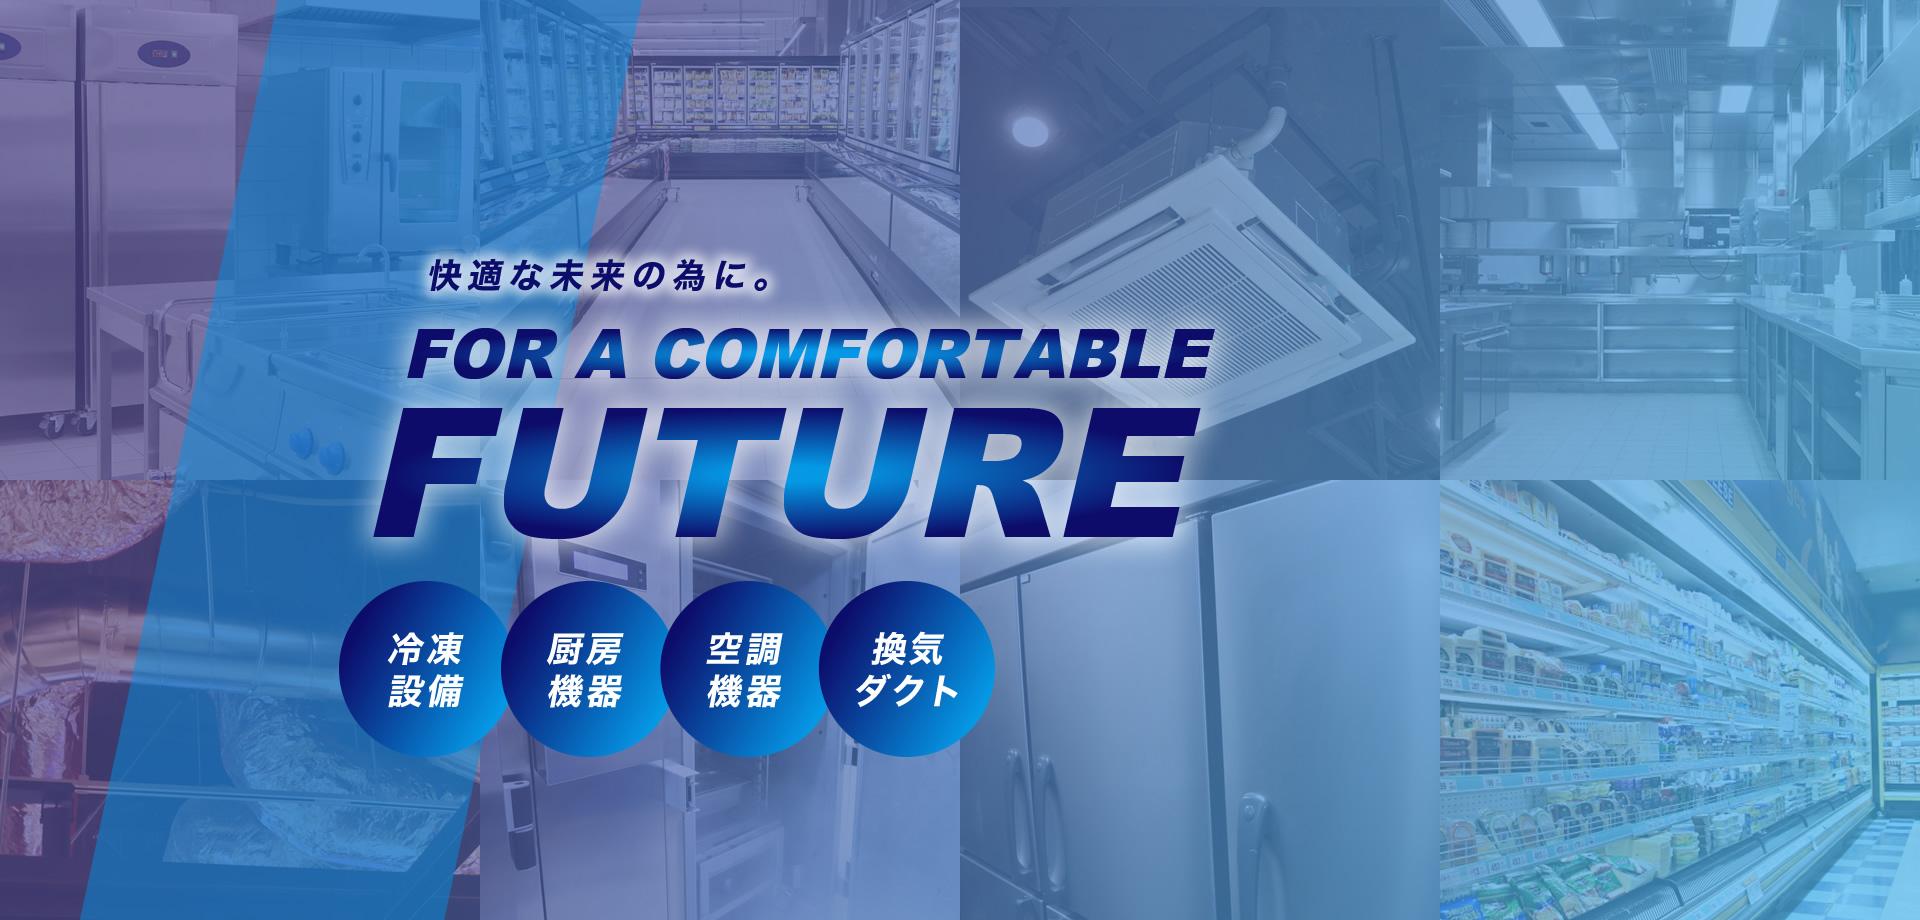 快適な未来の為に FOR A COMFORTABLE FUTURE